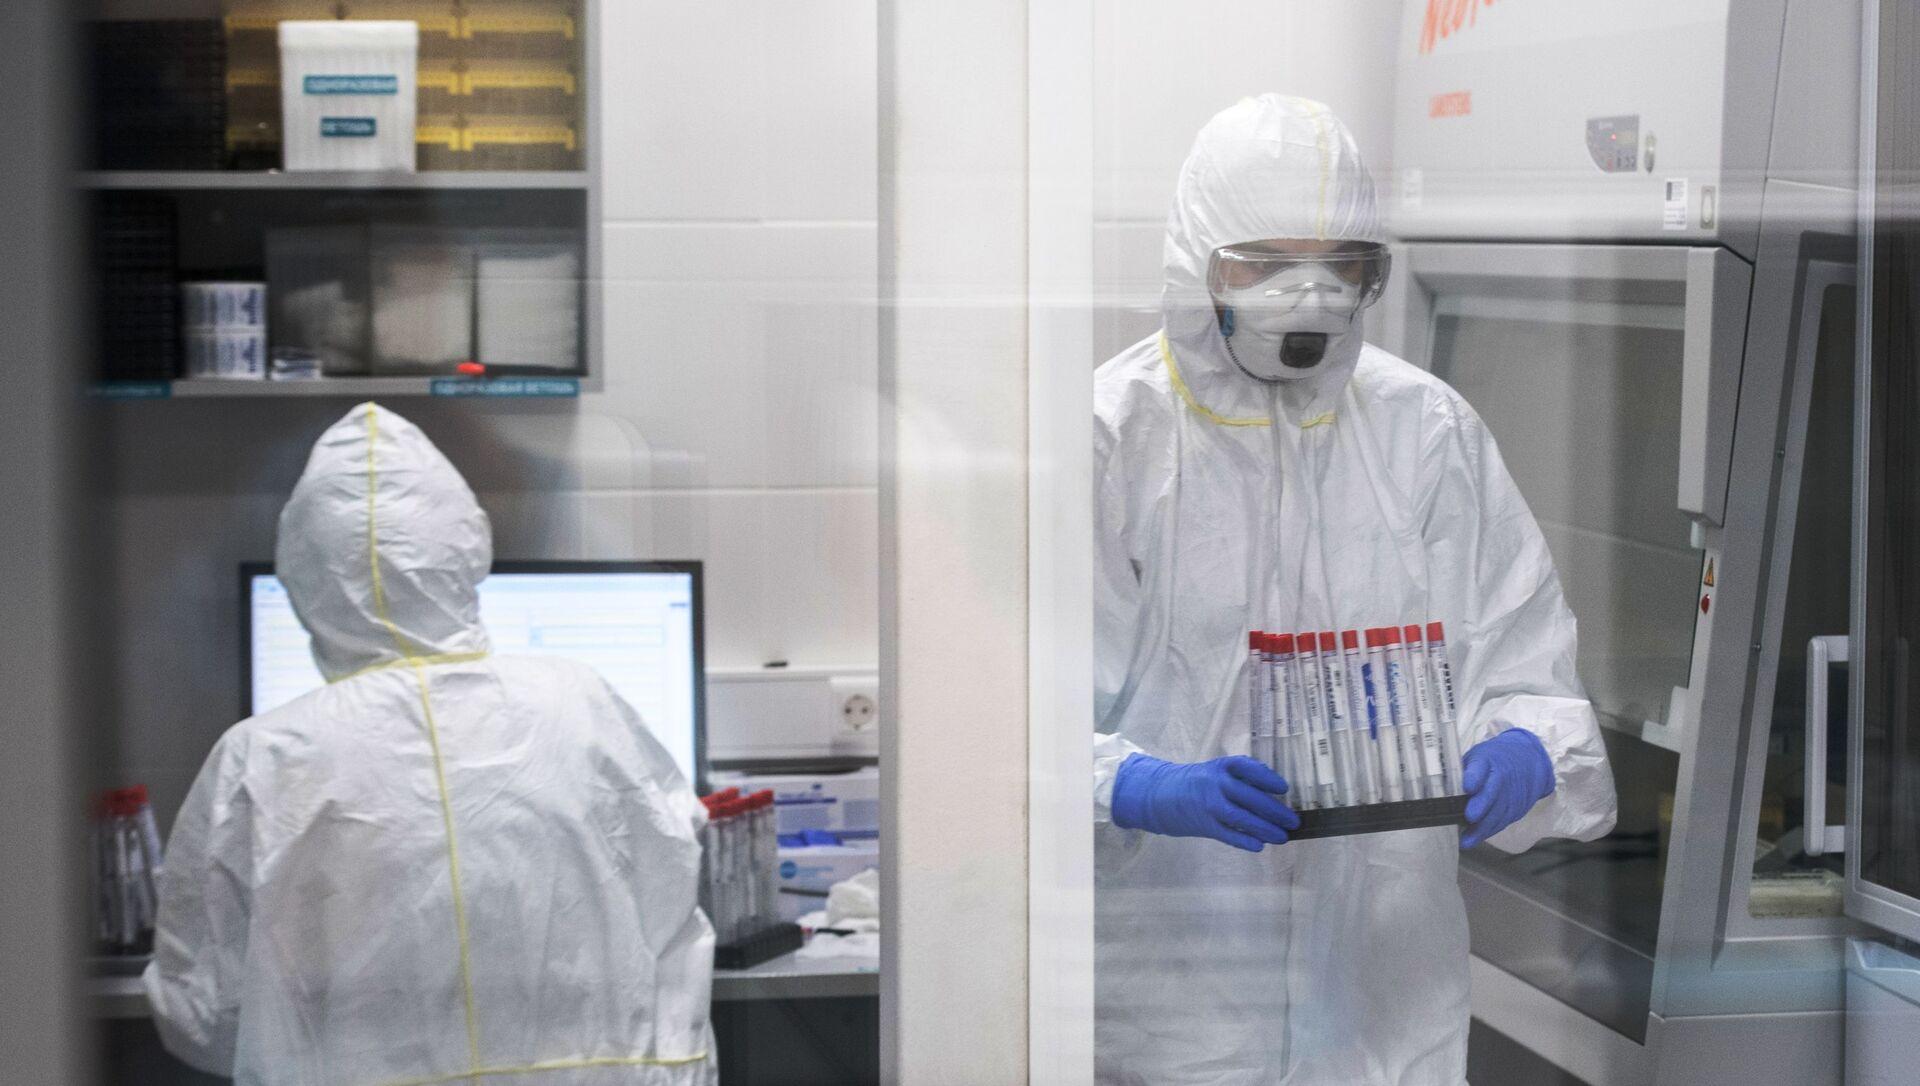 Лаборатория Инвитро начала тестирование на коронавирусную инфекцию  - Sputnik Аҧсны, 1920, 07.09.2021